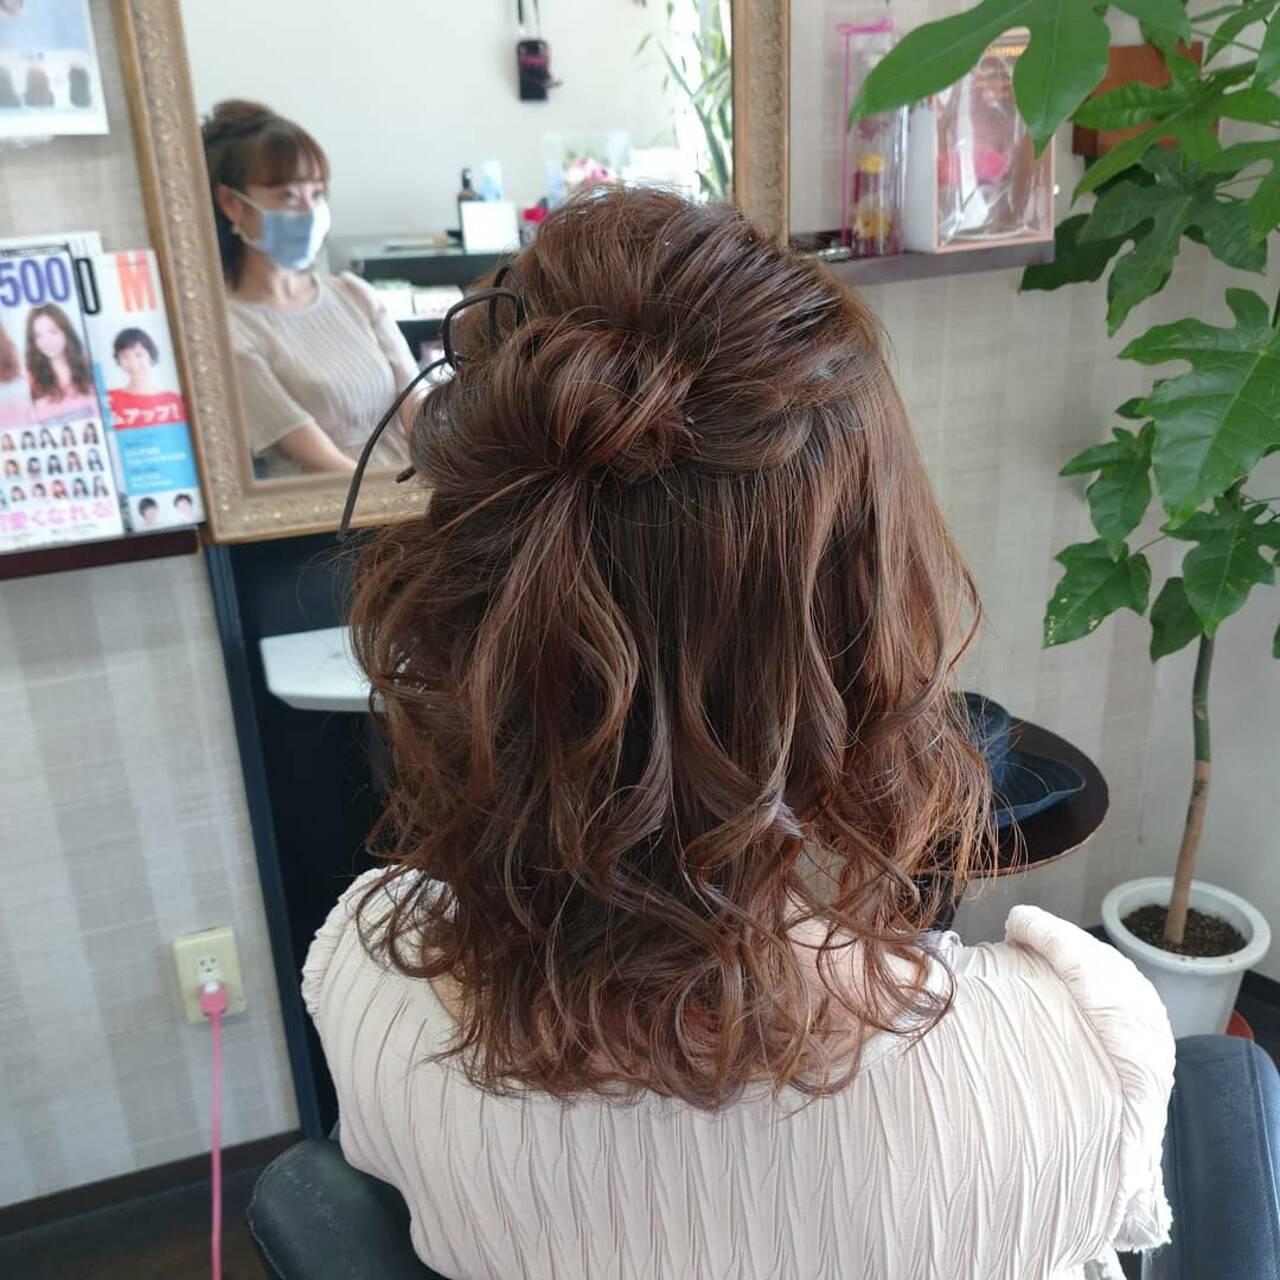 ナチュラル ヘアセット ミディアム 簡単ヘアアレンジヘアスタイルや髪型の写真・画像